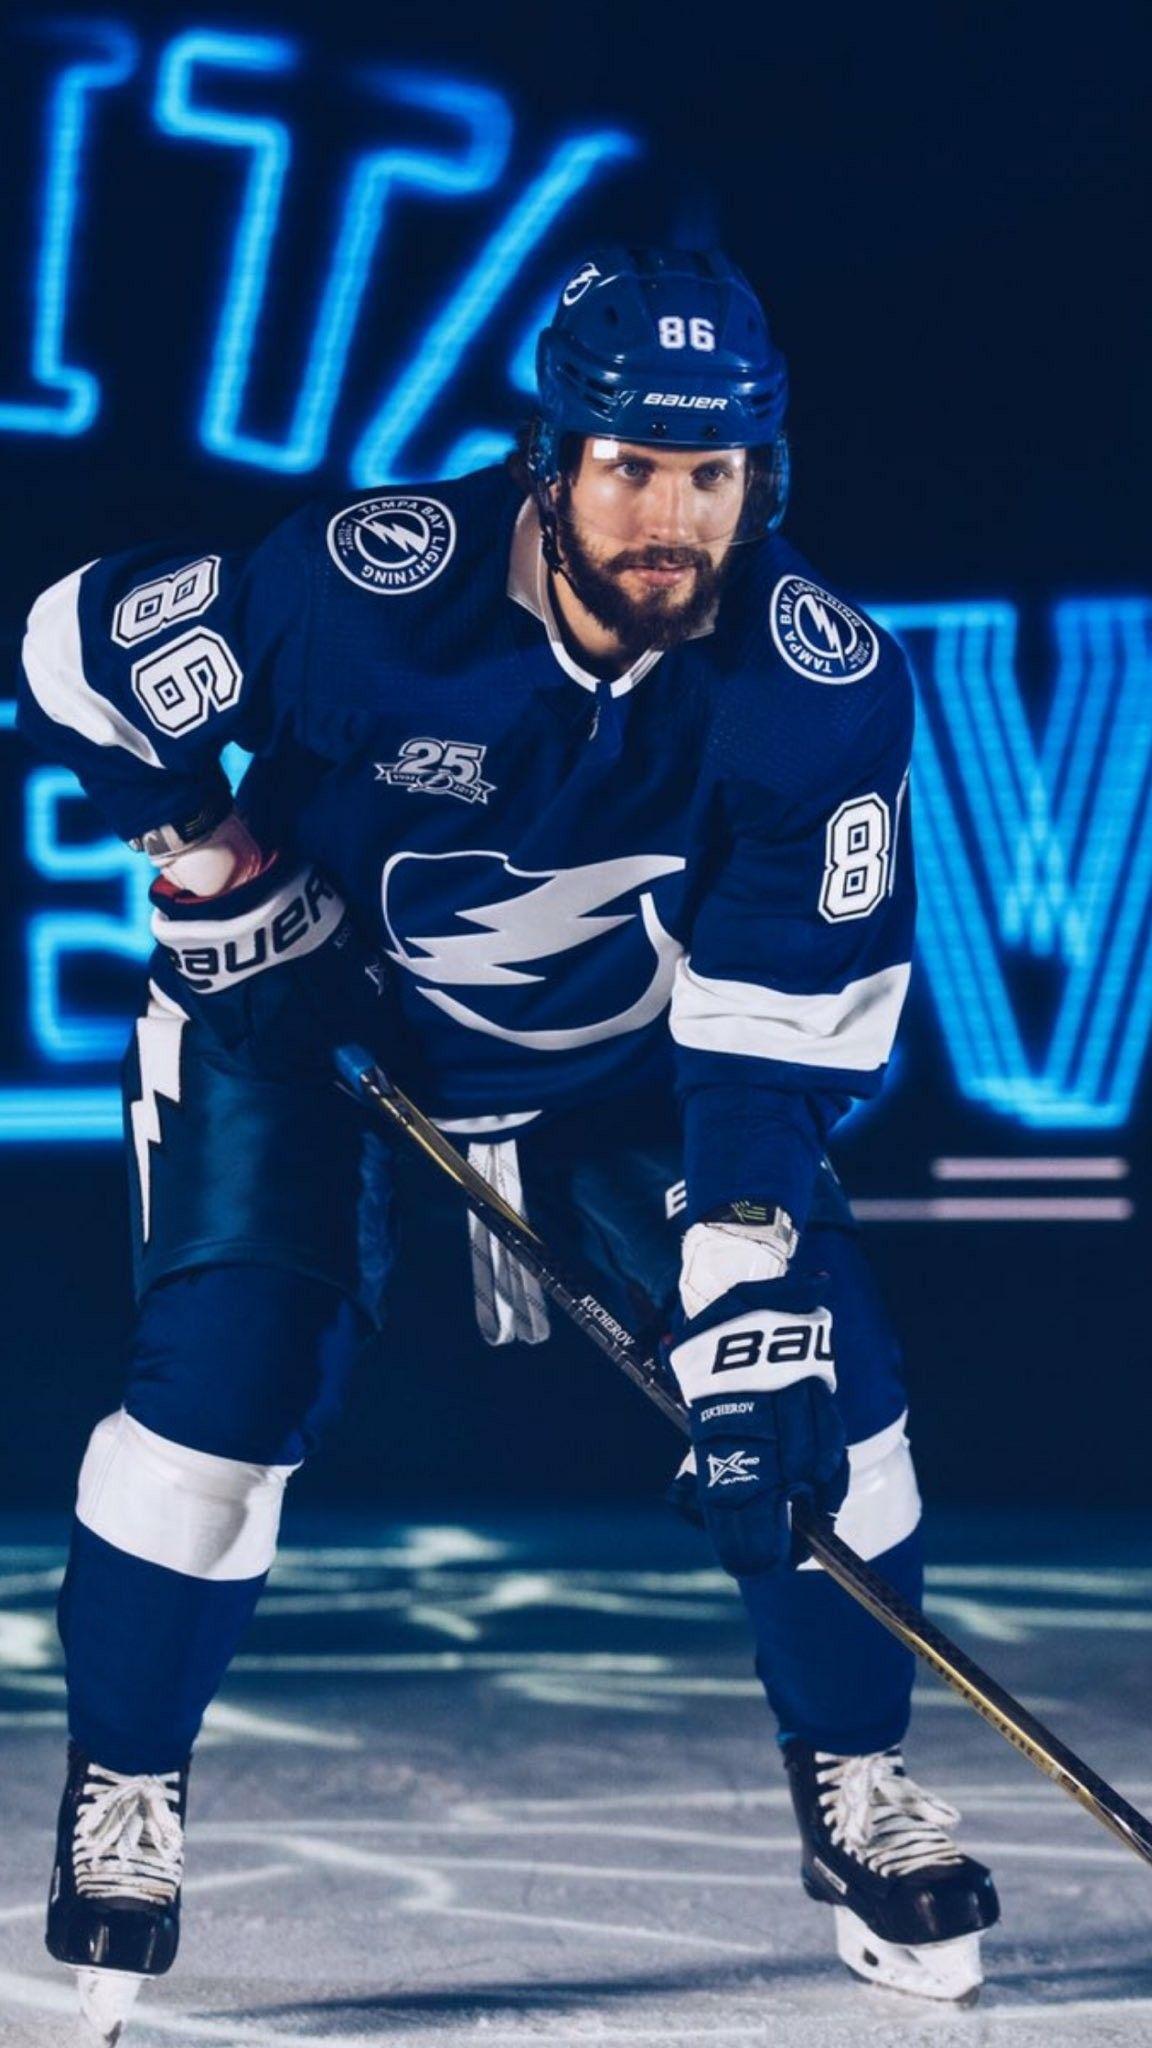 Kuch Go Bolts Lightning Hockey Hockey Scores Hockey